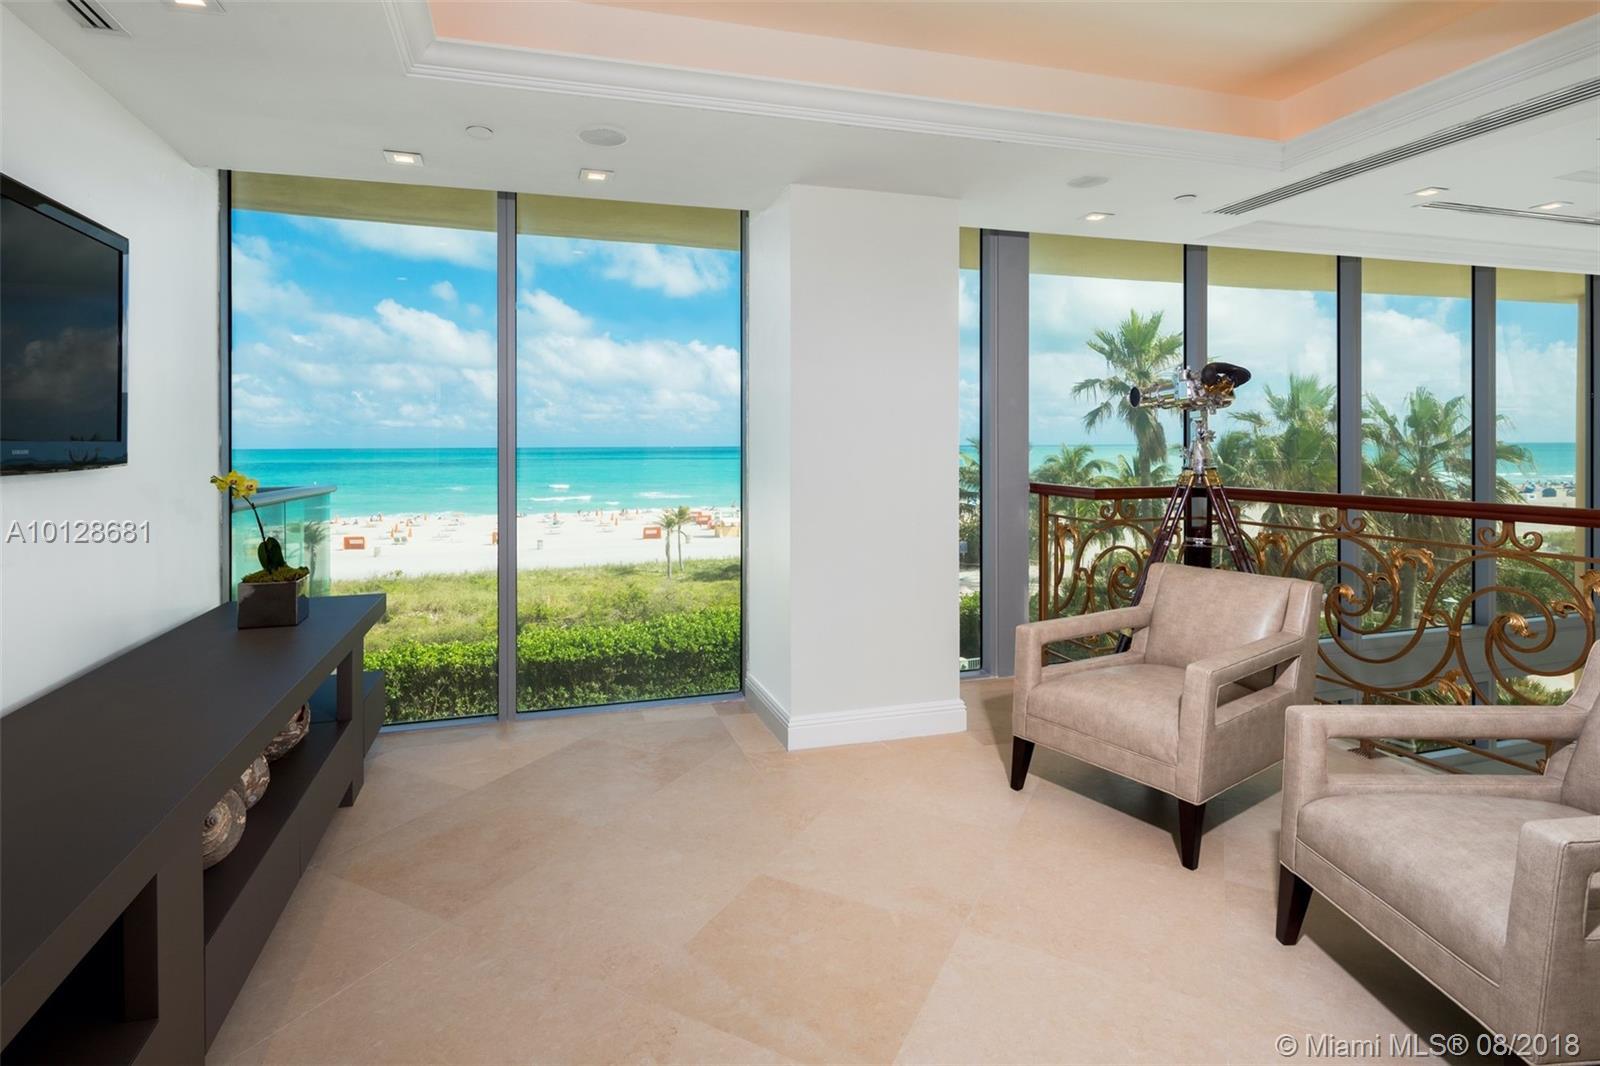 1455 Ocean drive-BH-02 miami-beach--fl-33139-a10128681-Pic13